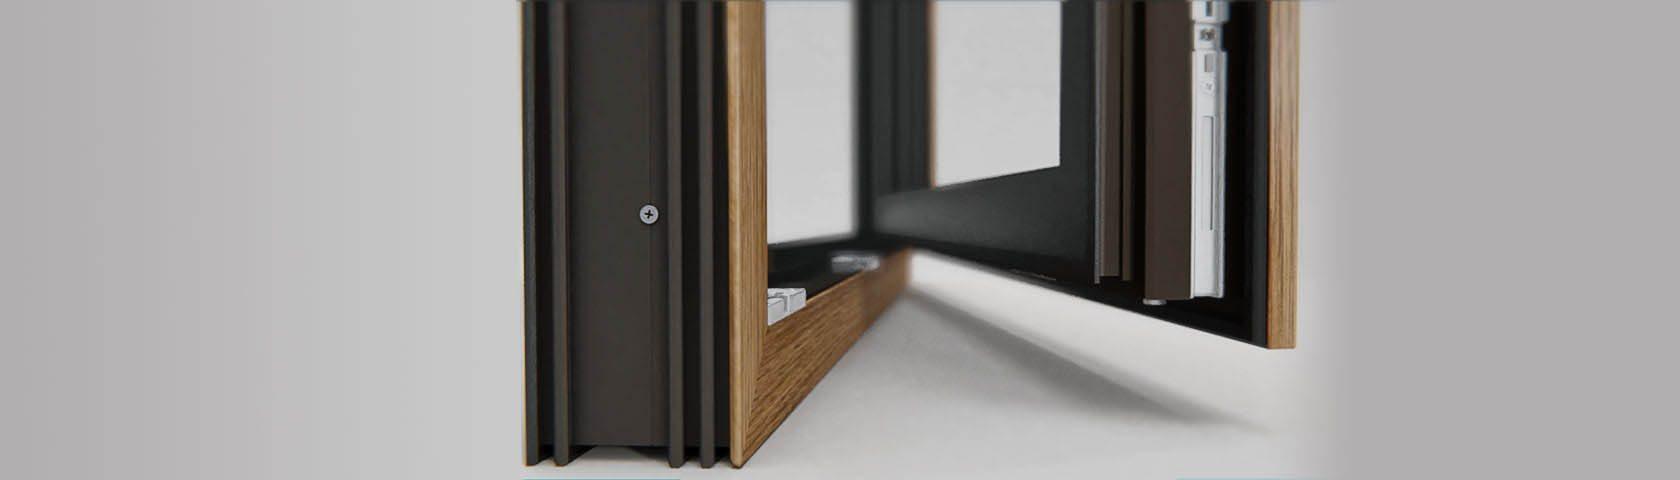 Piękne okno w dwóch kolorach